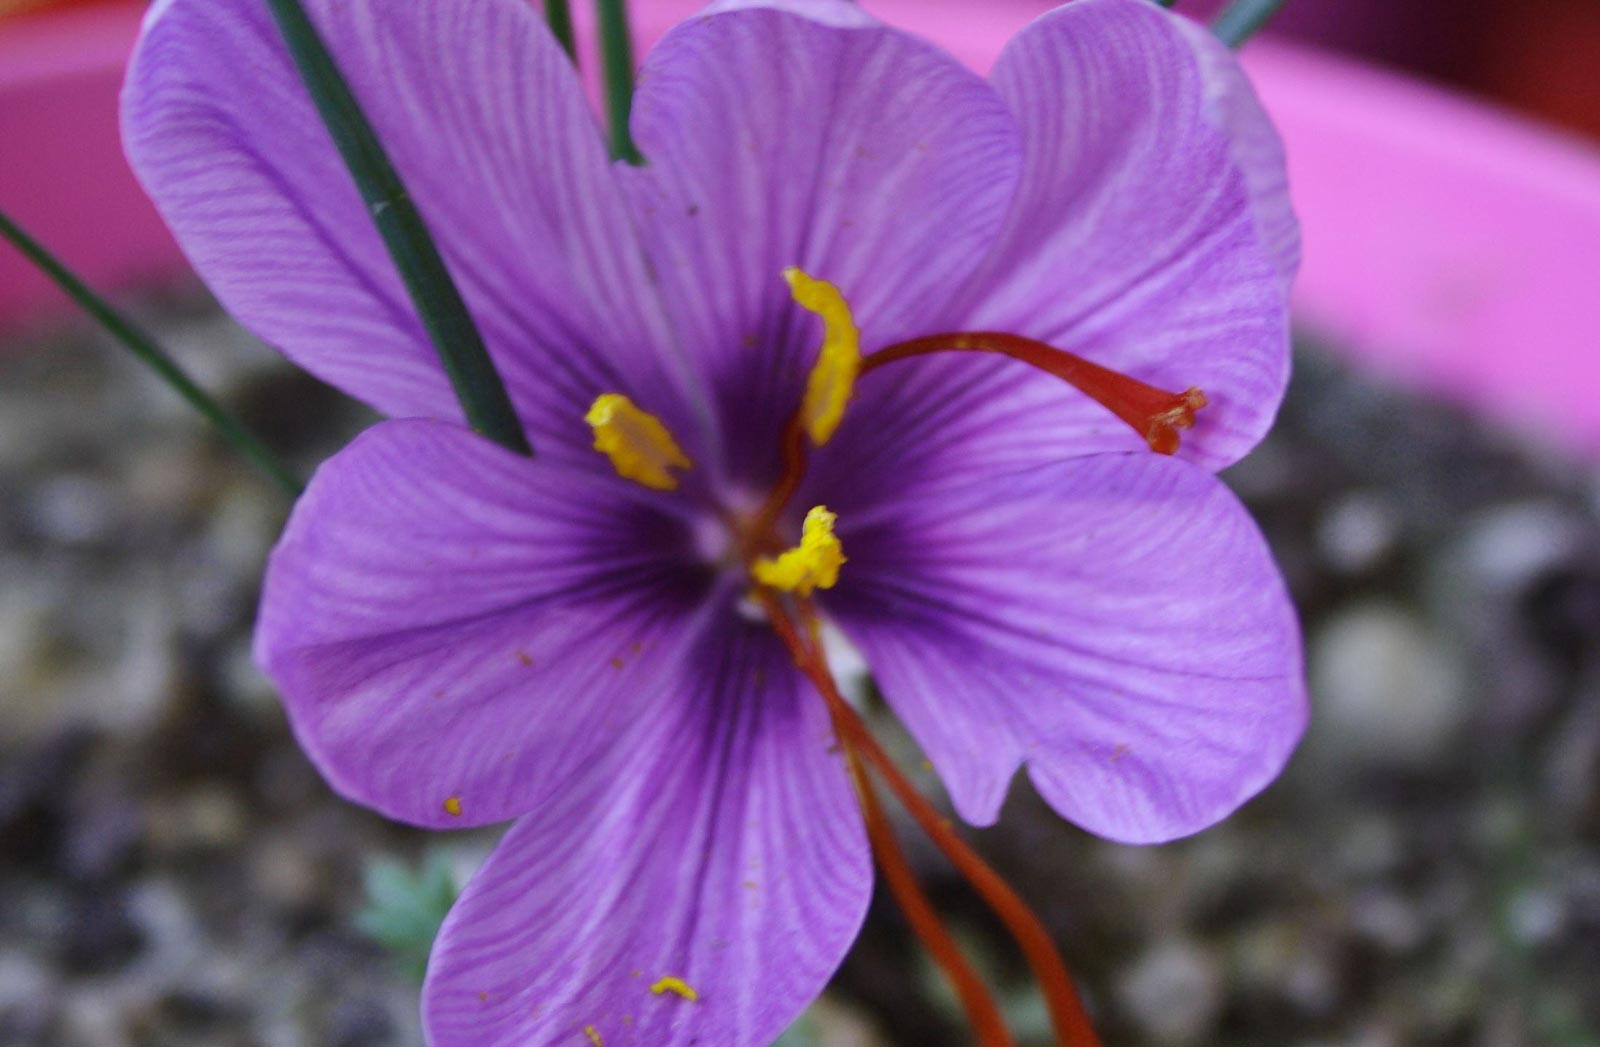 fiore-zafferano-di-cascia_019